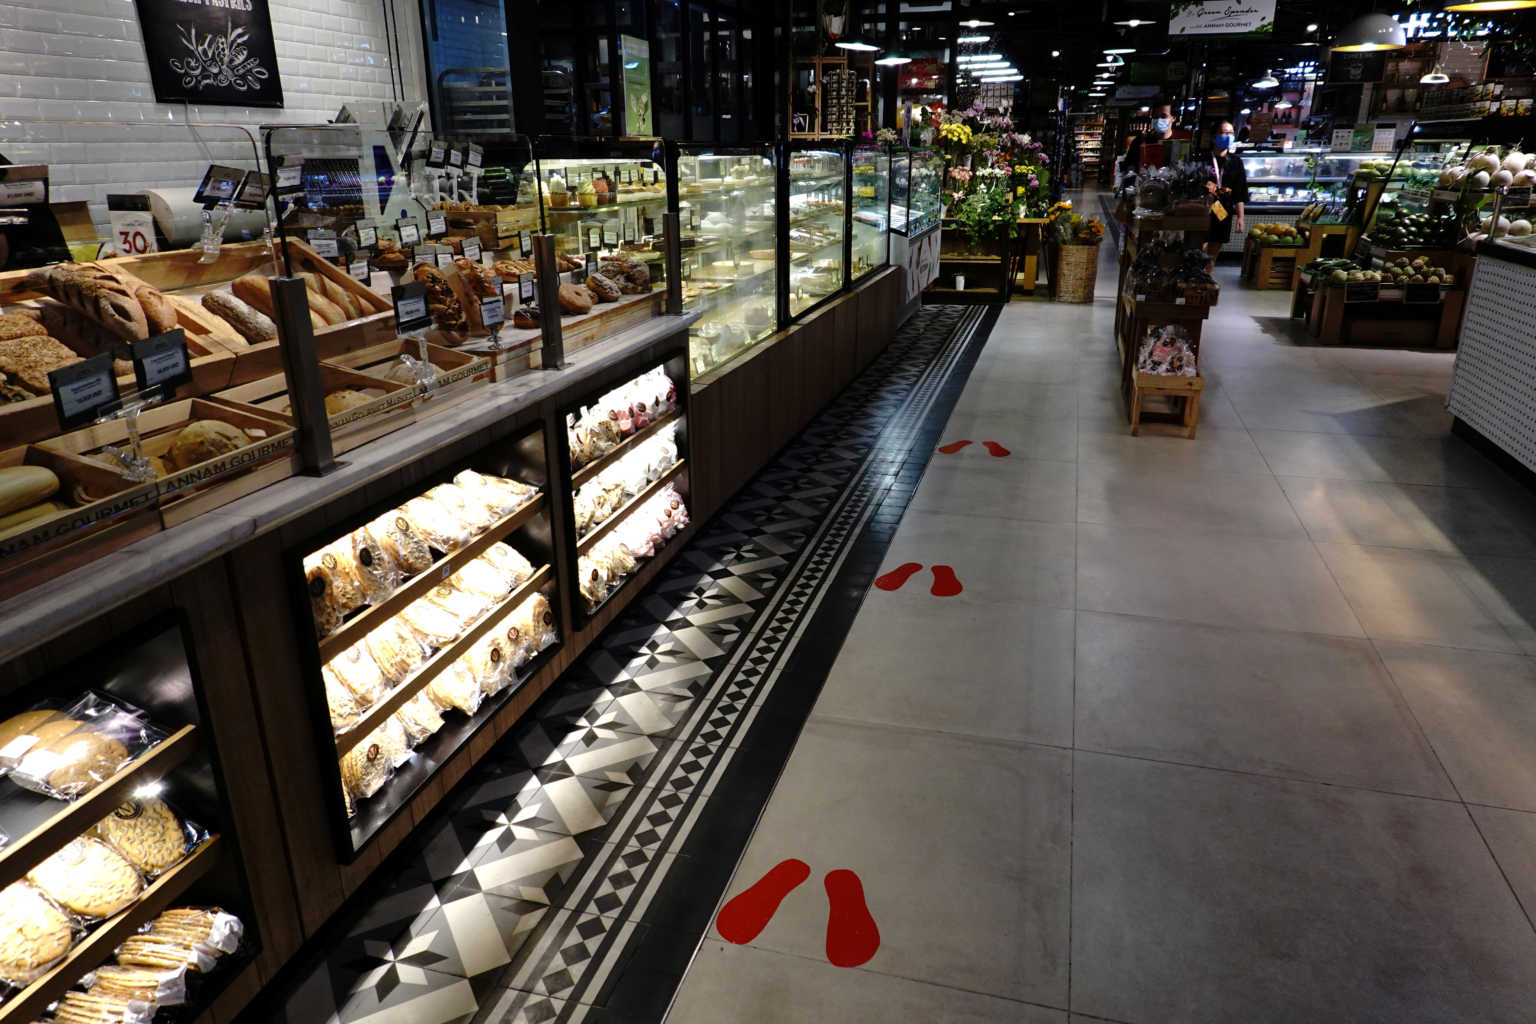 Πήγε στο σούπερ μάρκετ και… έγλειψε τα προϊόντα!